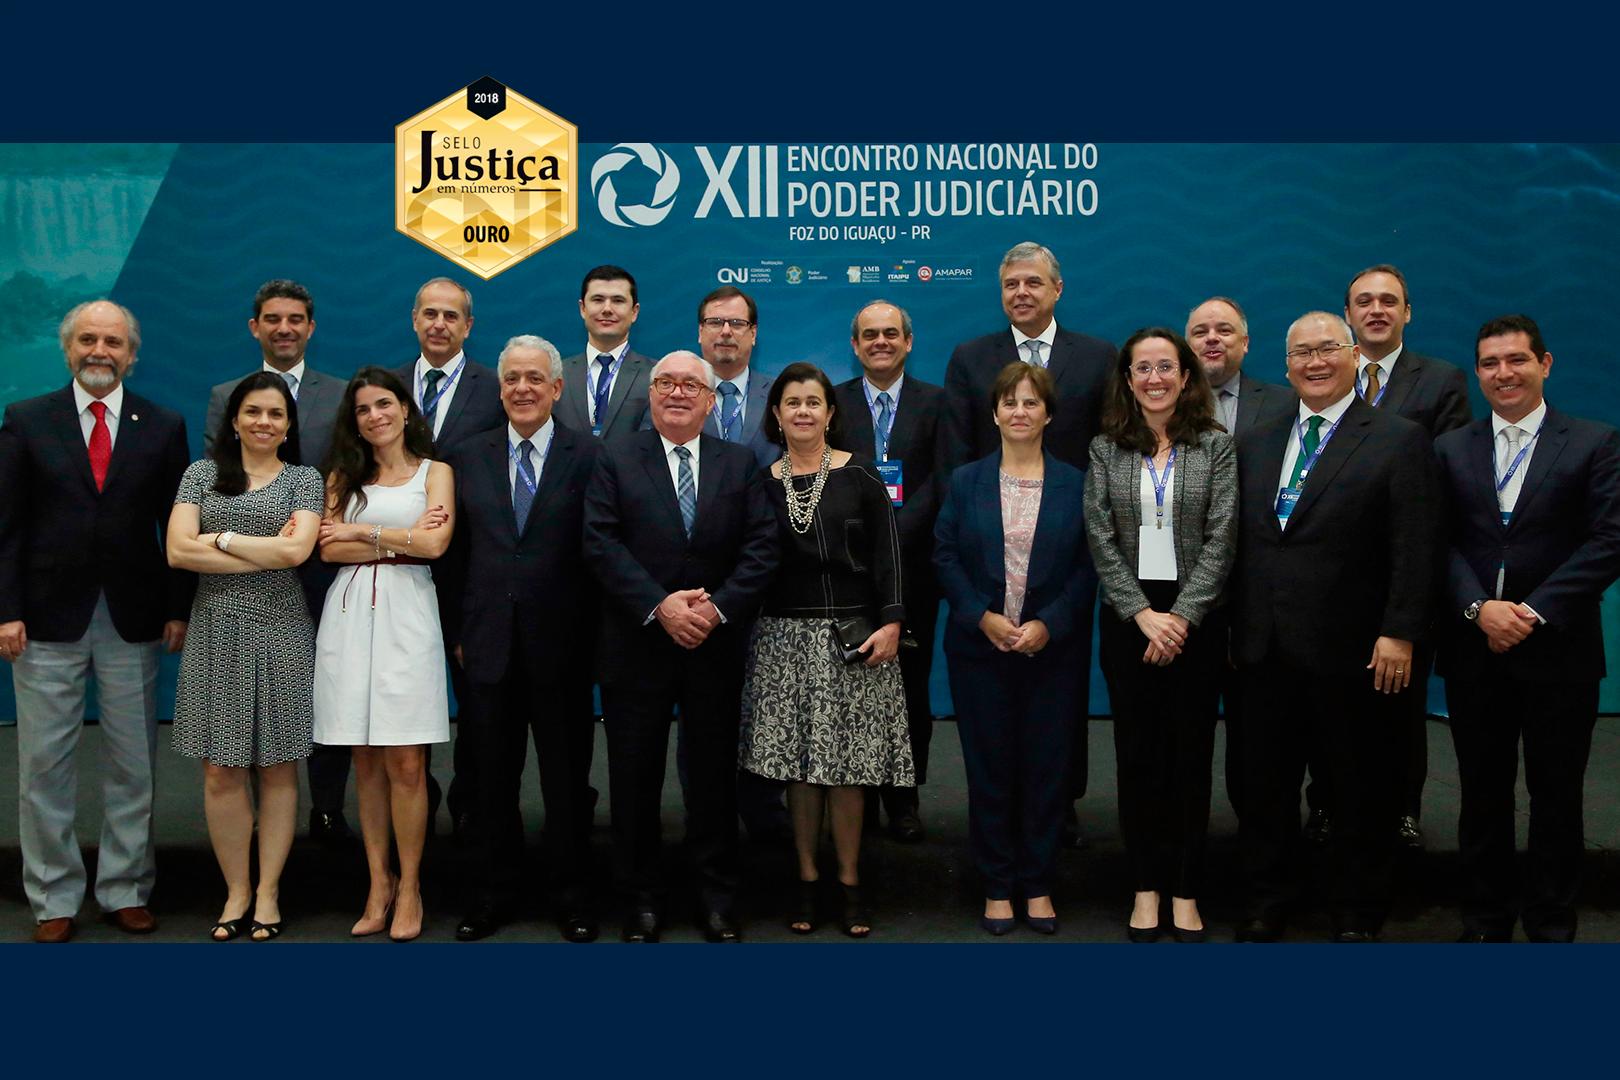 Judiciário paulista participa do XII Encontro Nacional do Poder Judiciário no Paraná